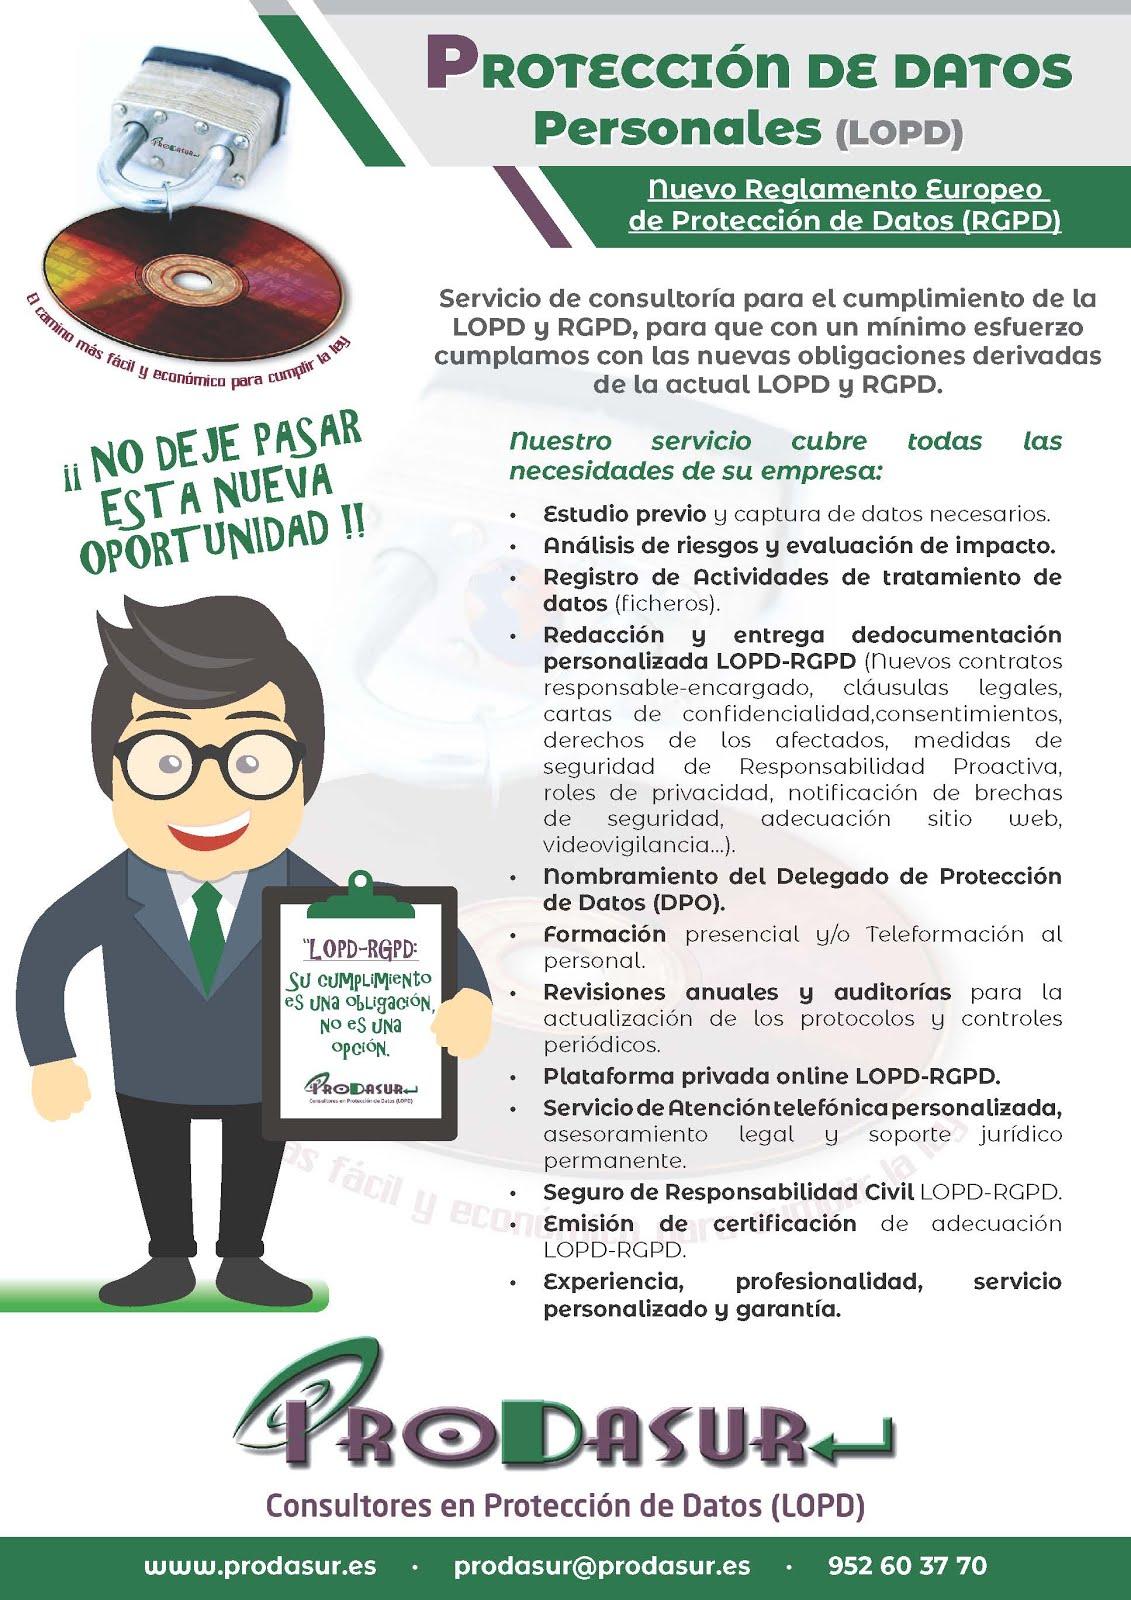 Ofertas especiales Adaptación a la LOPD hasta 31/07/2018. Llámanos.